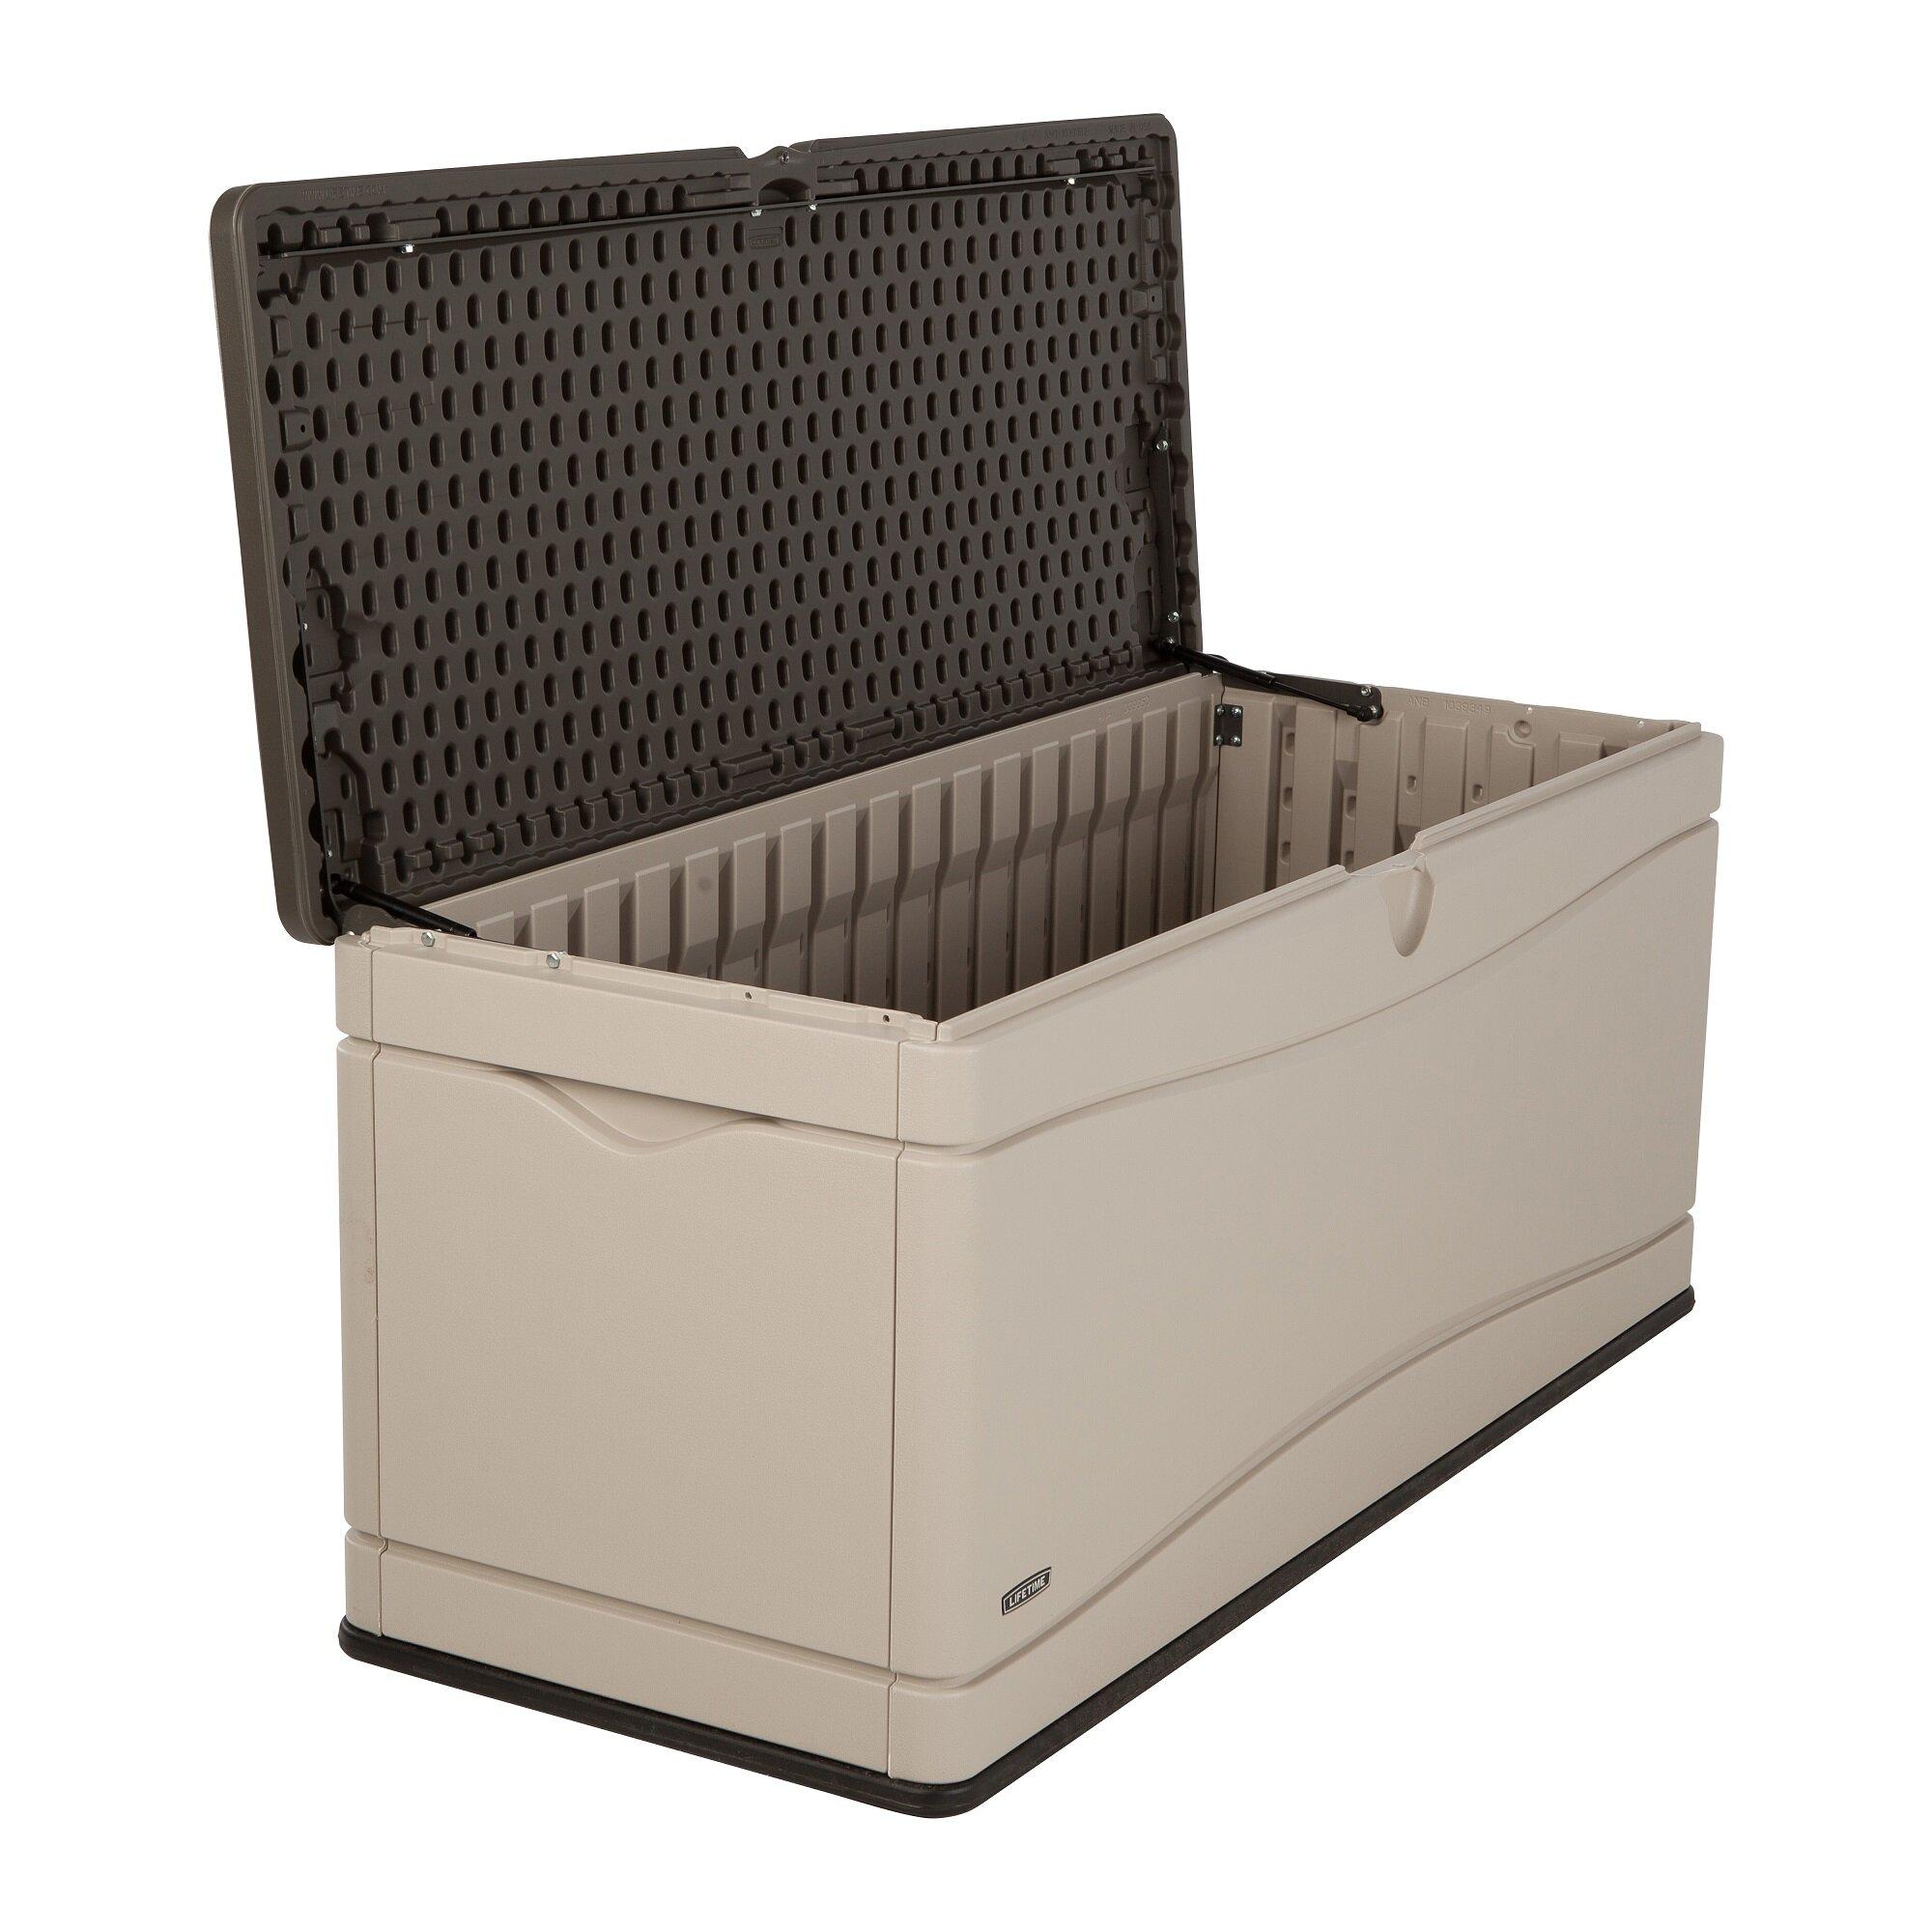 Lifetime 130 Gallon Plastic Deck Box Amp Reviews Wayfair